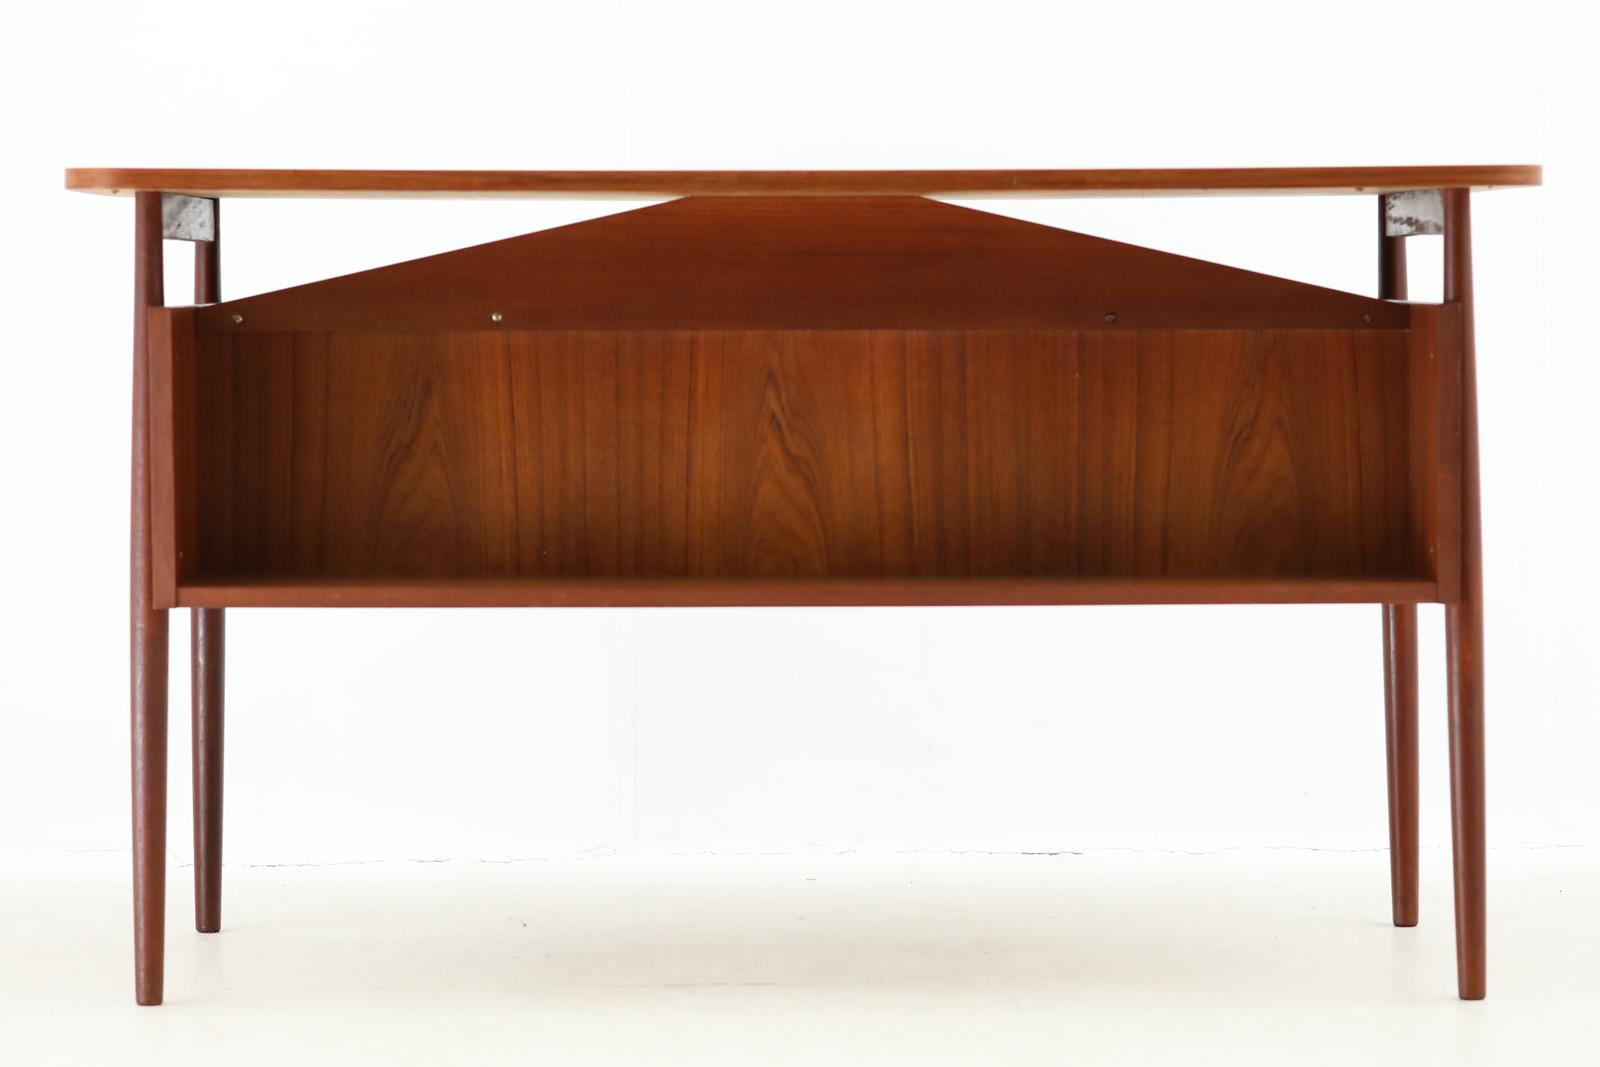 デンマーク製 両袖デスク/机 チーク材 北欧家具ビンテージ/DK10246